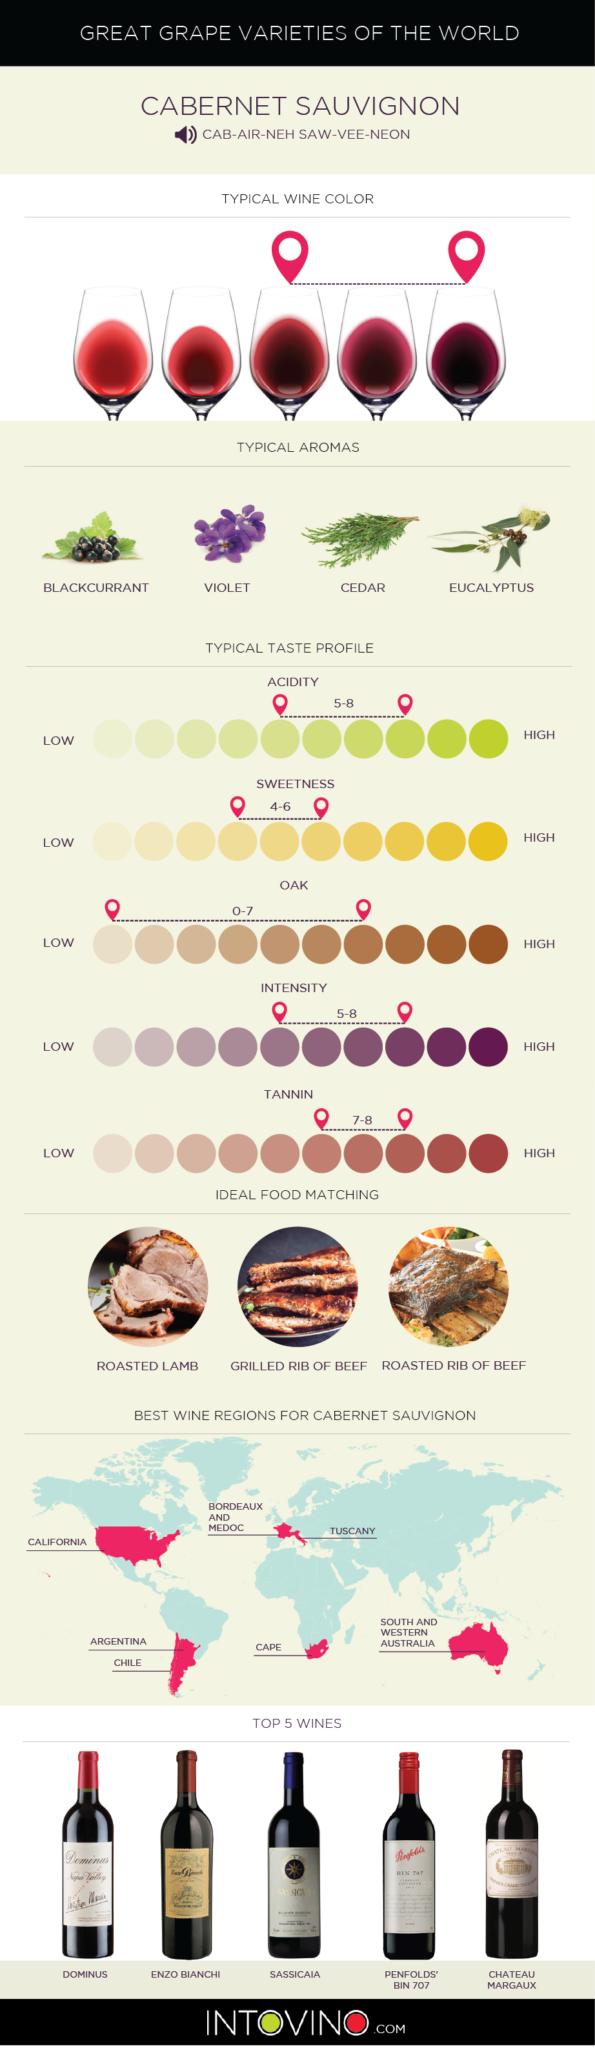 Guide to Cabernet Sauvignon